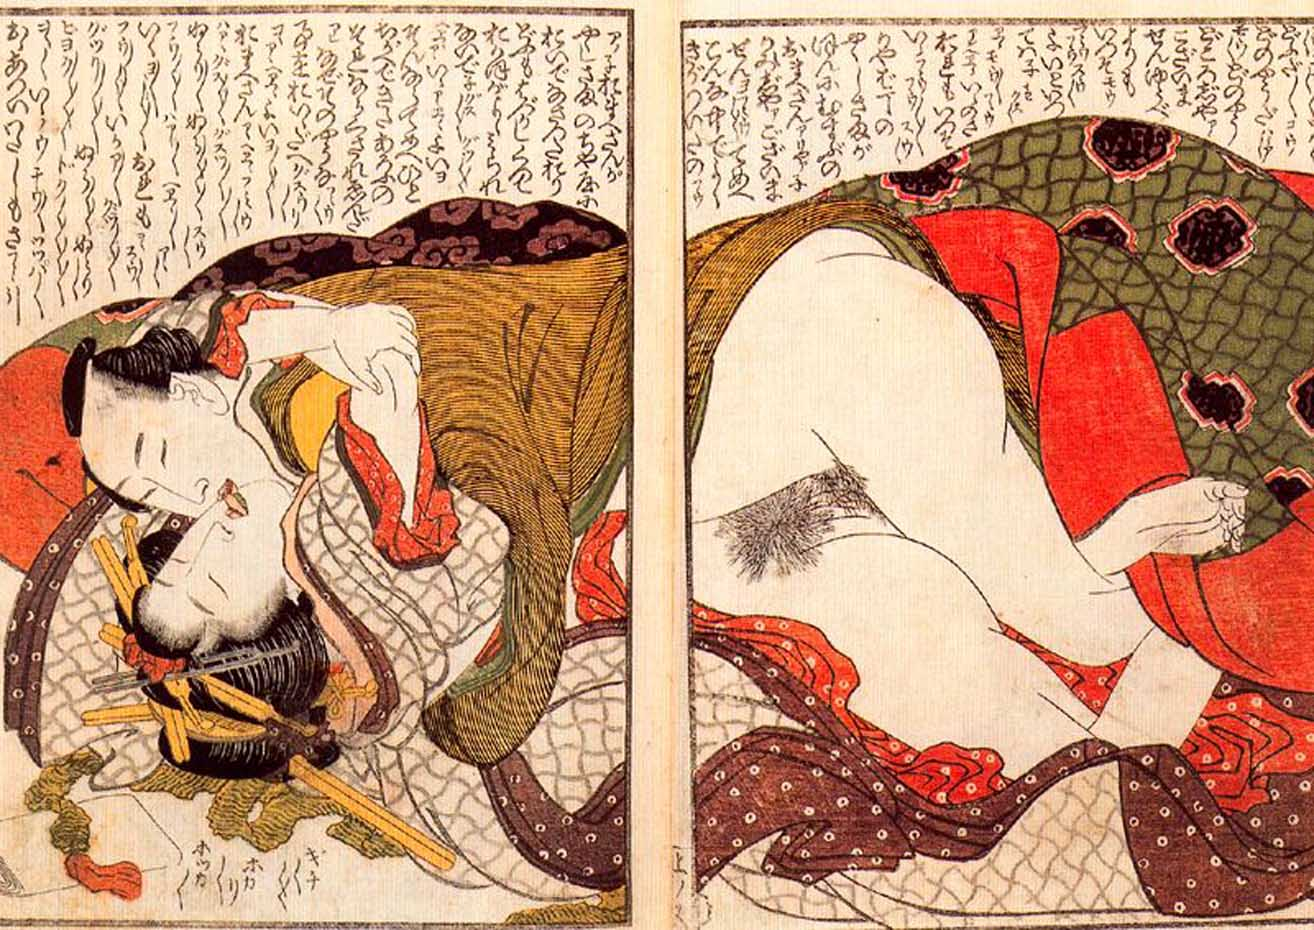 Кацусика Хокусай (Katsushika Hokusai), Shunga – 11